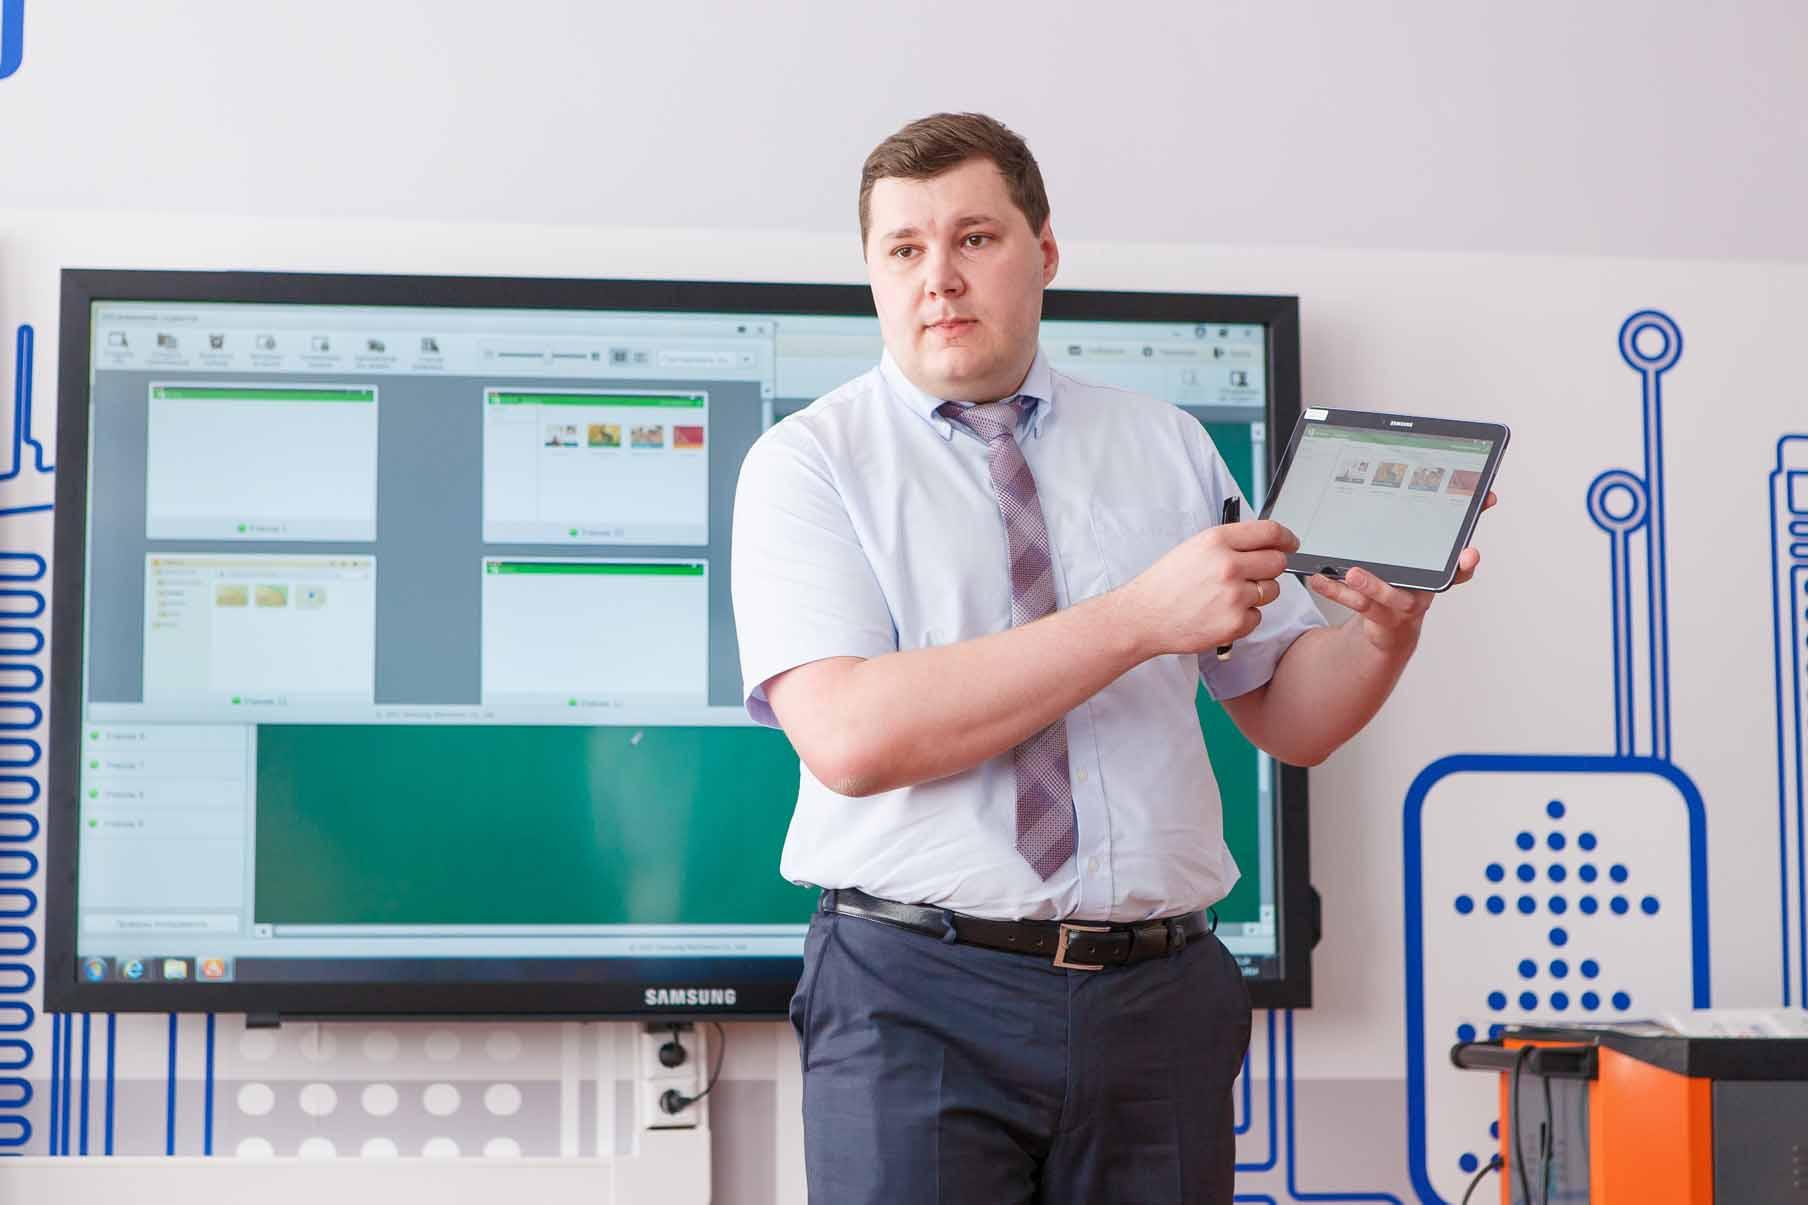 Samsung и Ростелеком совместно создали планшет для школ